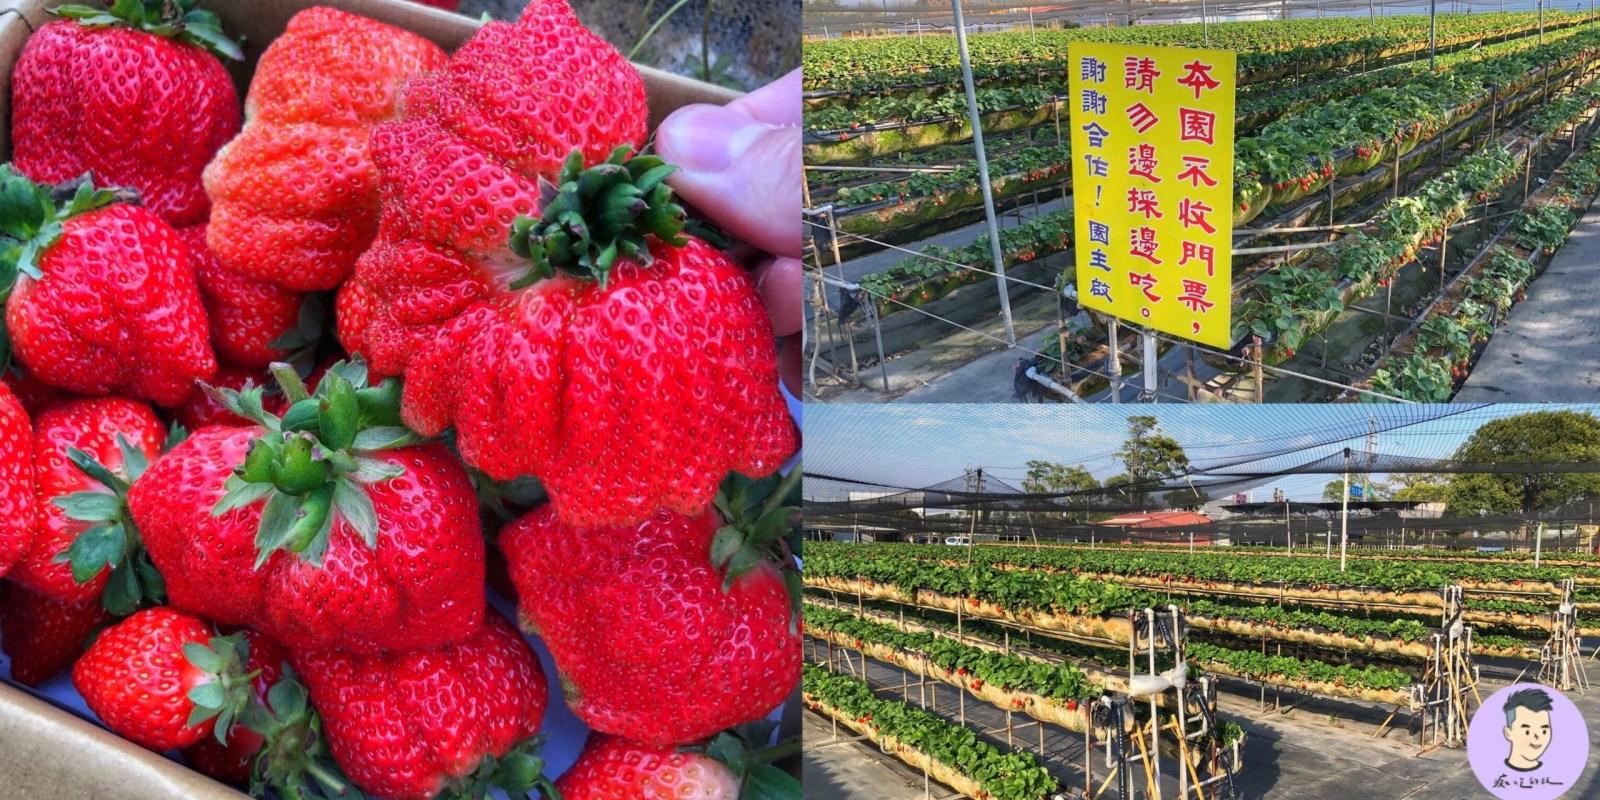 【2021台南善化草莓季】限時1個月!!! 這四家採草莓8折優惠 滿五百送好禮+刮刮卡 打卡再送草莓造型燈籠